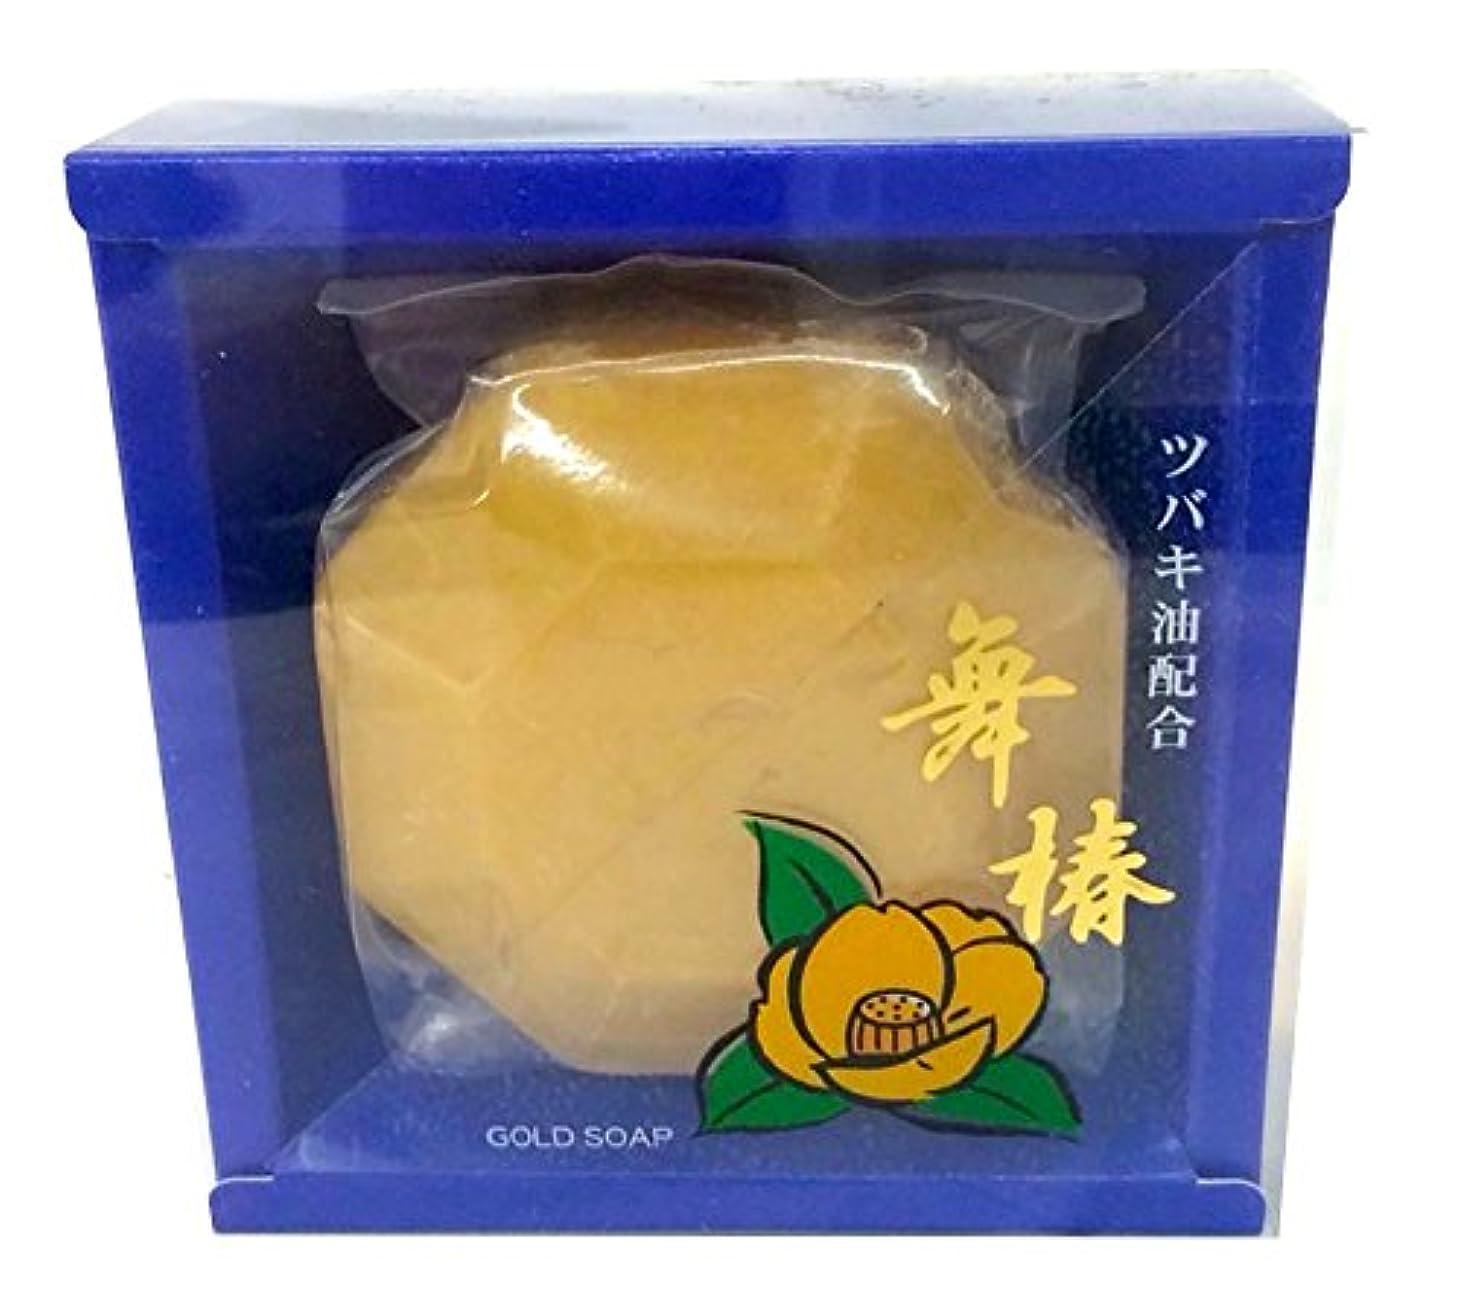 熟したのぞき見もっと少なく舞椿ゴールドソープ (ツバキオイル配合)110g